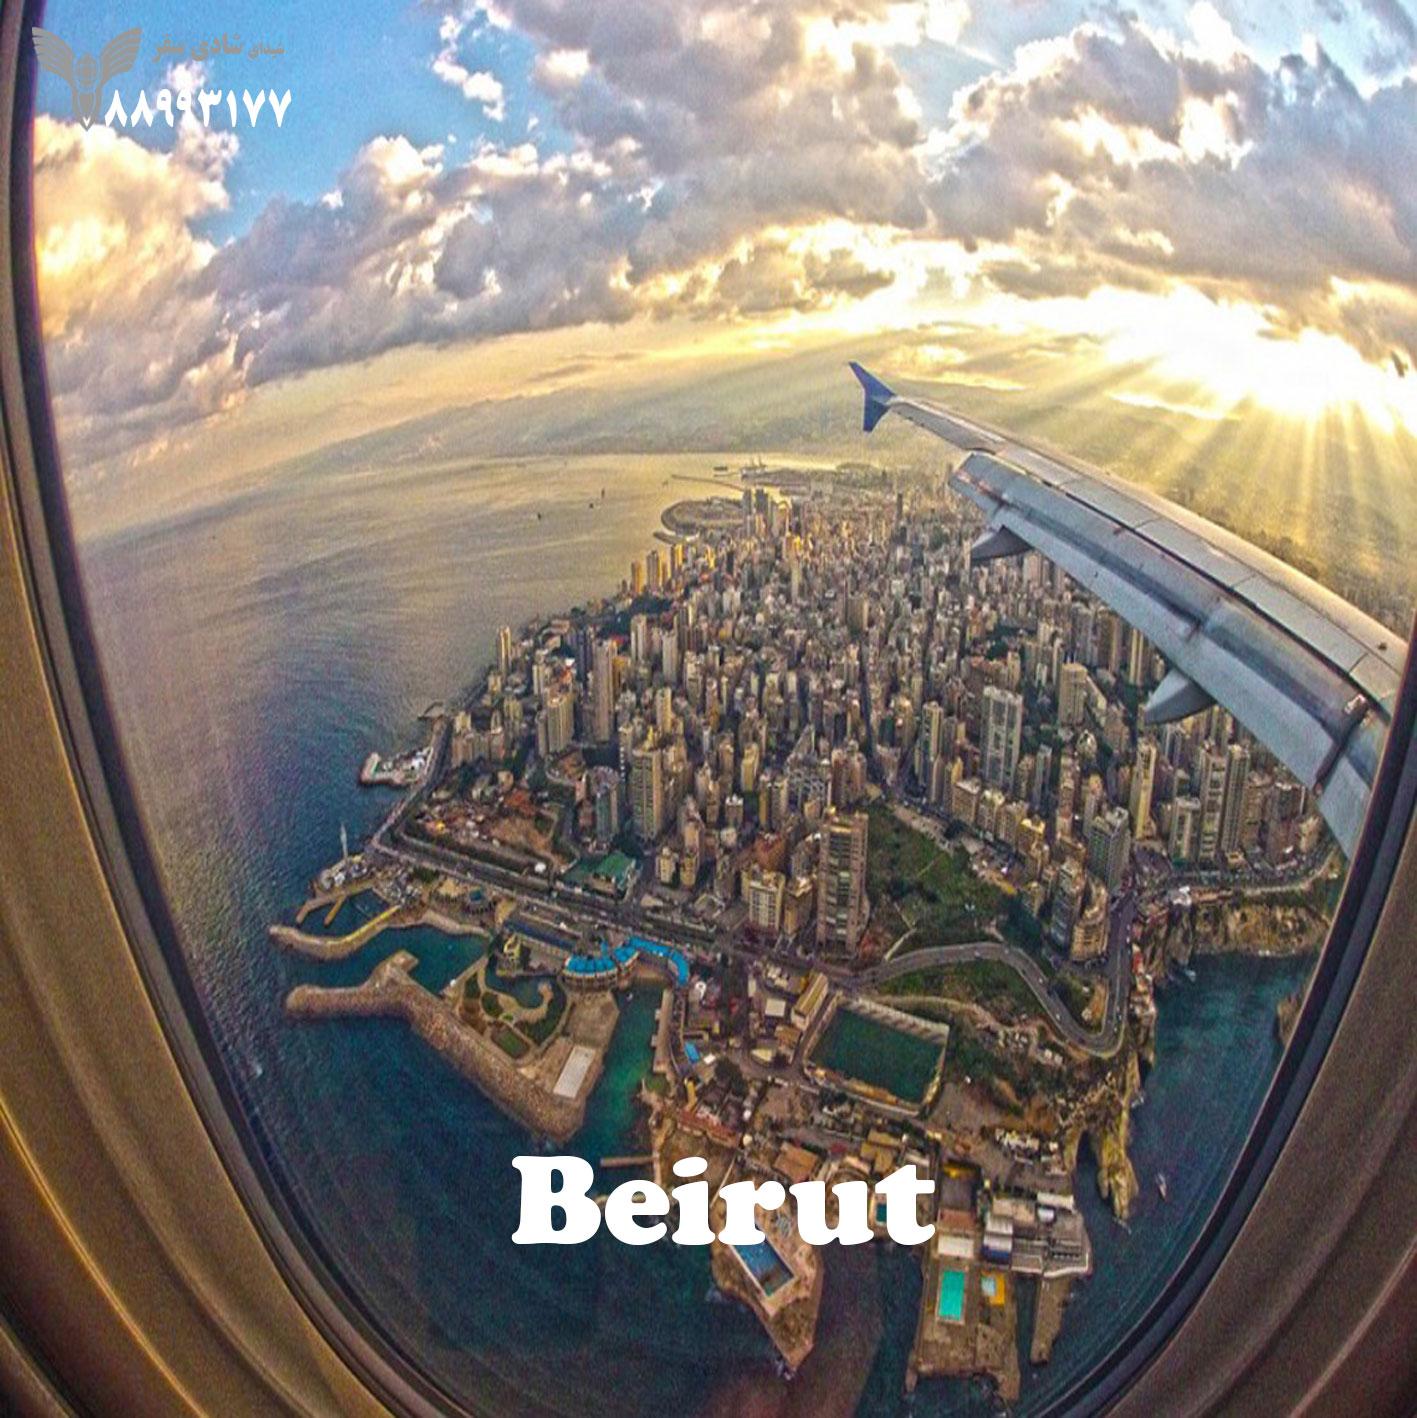 شرایط پذیرش مسافر در مسیر بیروت در پروازهای هواپیمایی ماهان